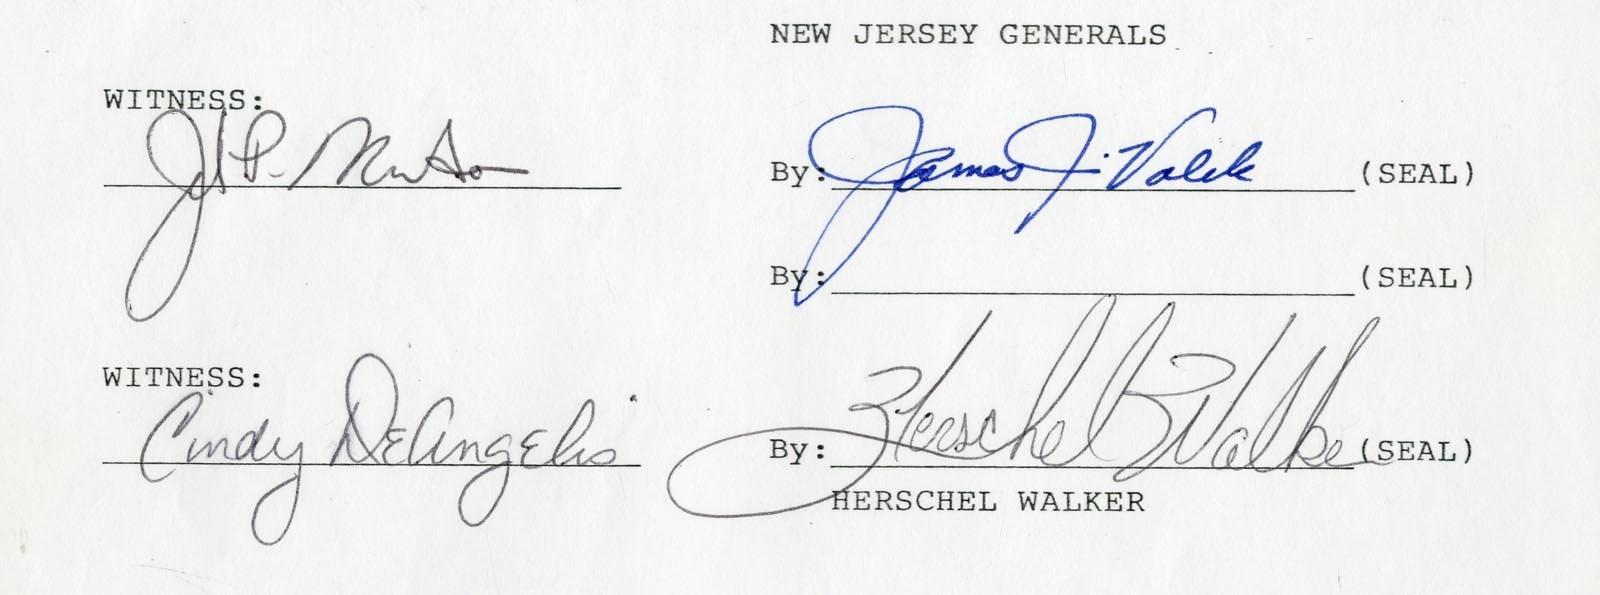 1983 Herschel Walker New Jersey Generals Signed Contract